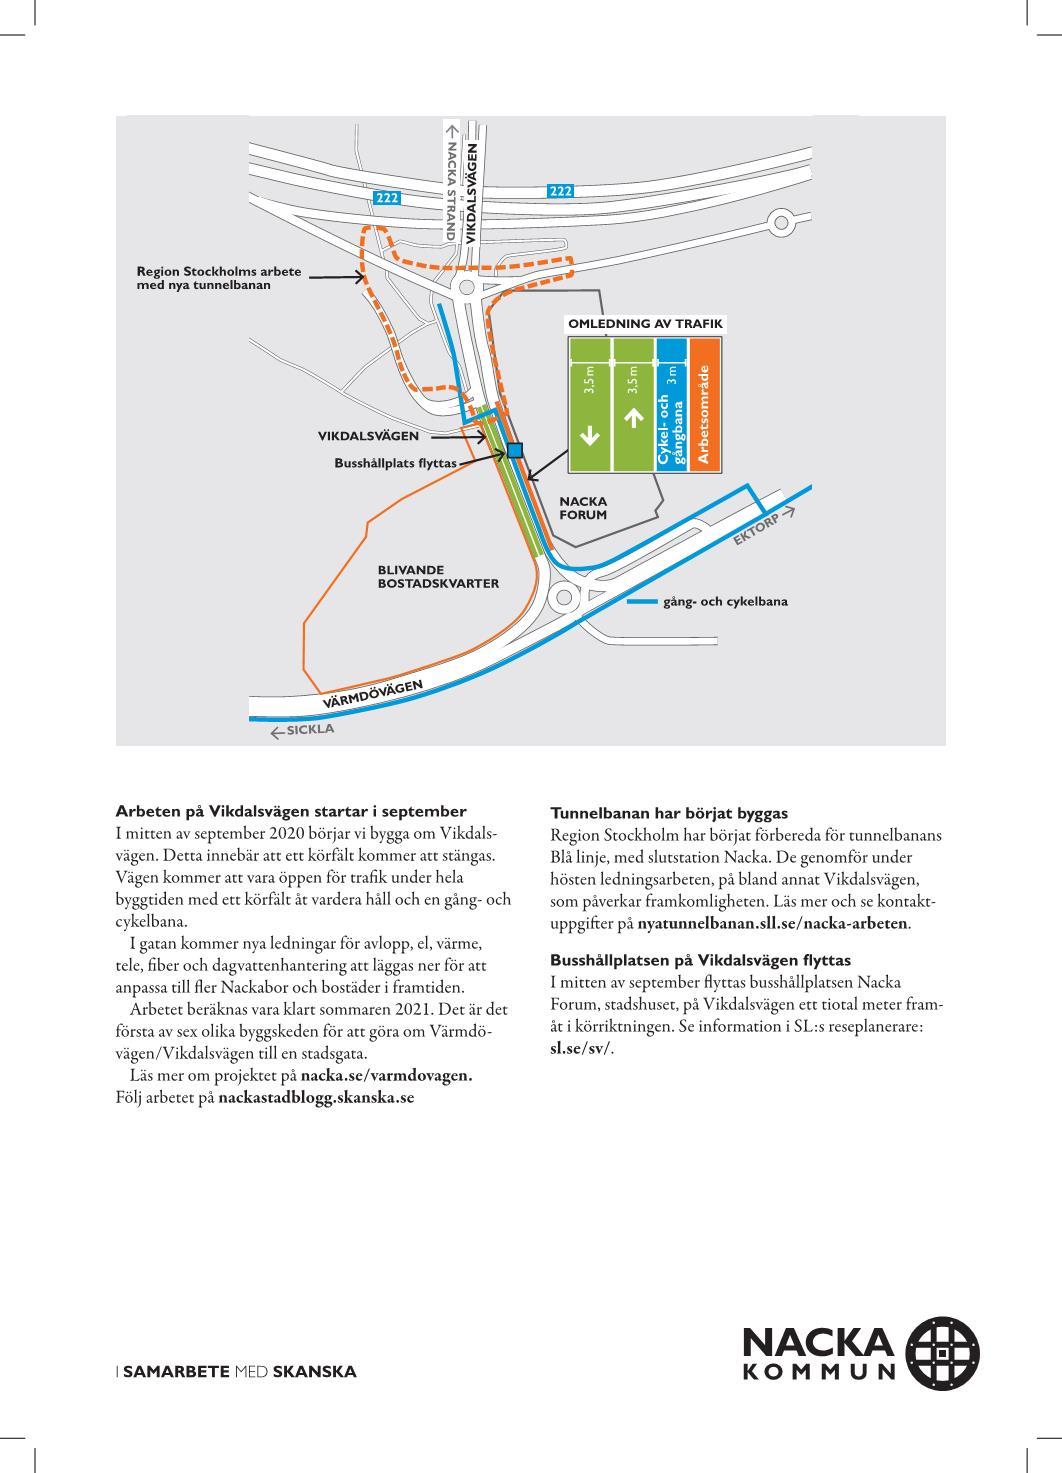 Infobrev_Värmdövägen_Vikdalsvägen_aug_2020_TRYCK08-30 Sida 002